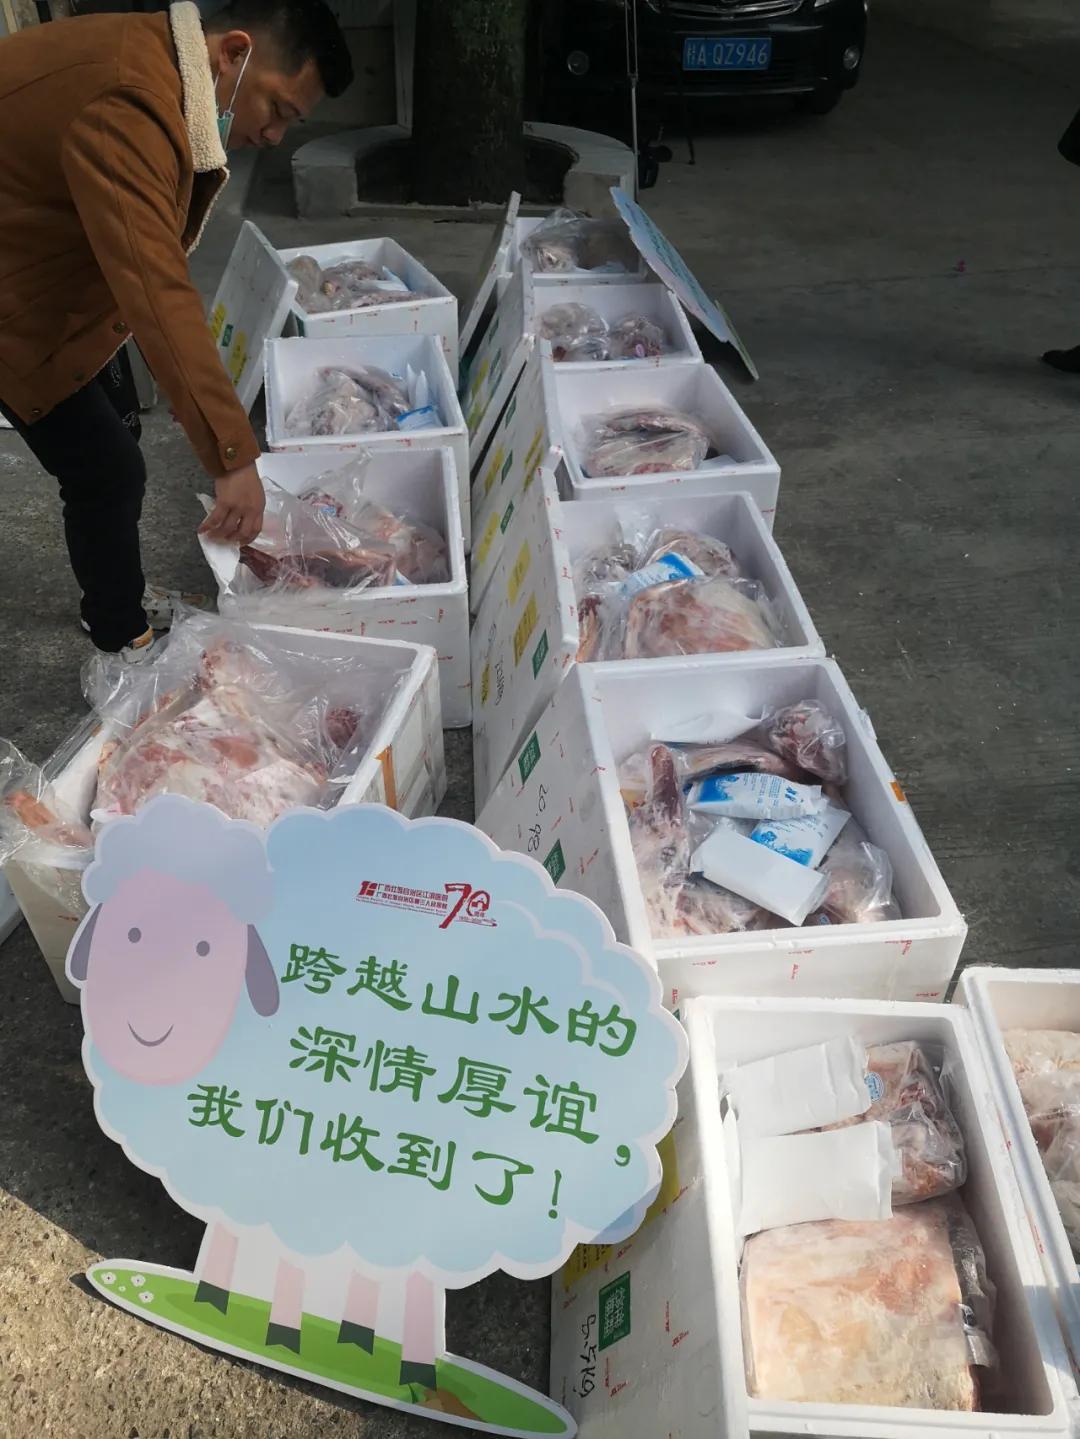 三万只羊的故事,有了个暖心的结局 :今天我们吃上蒙古赠羊了